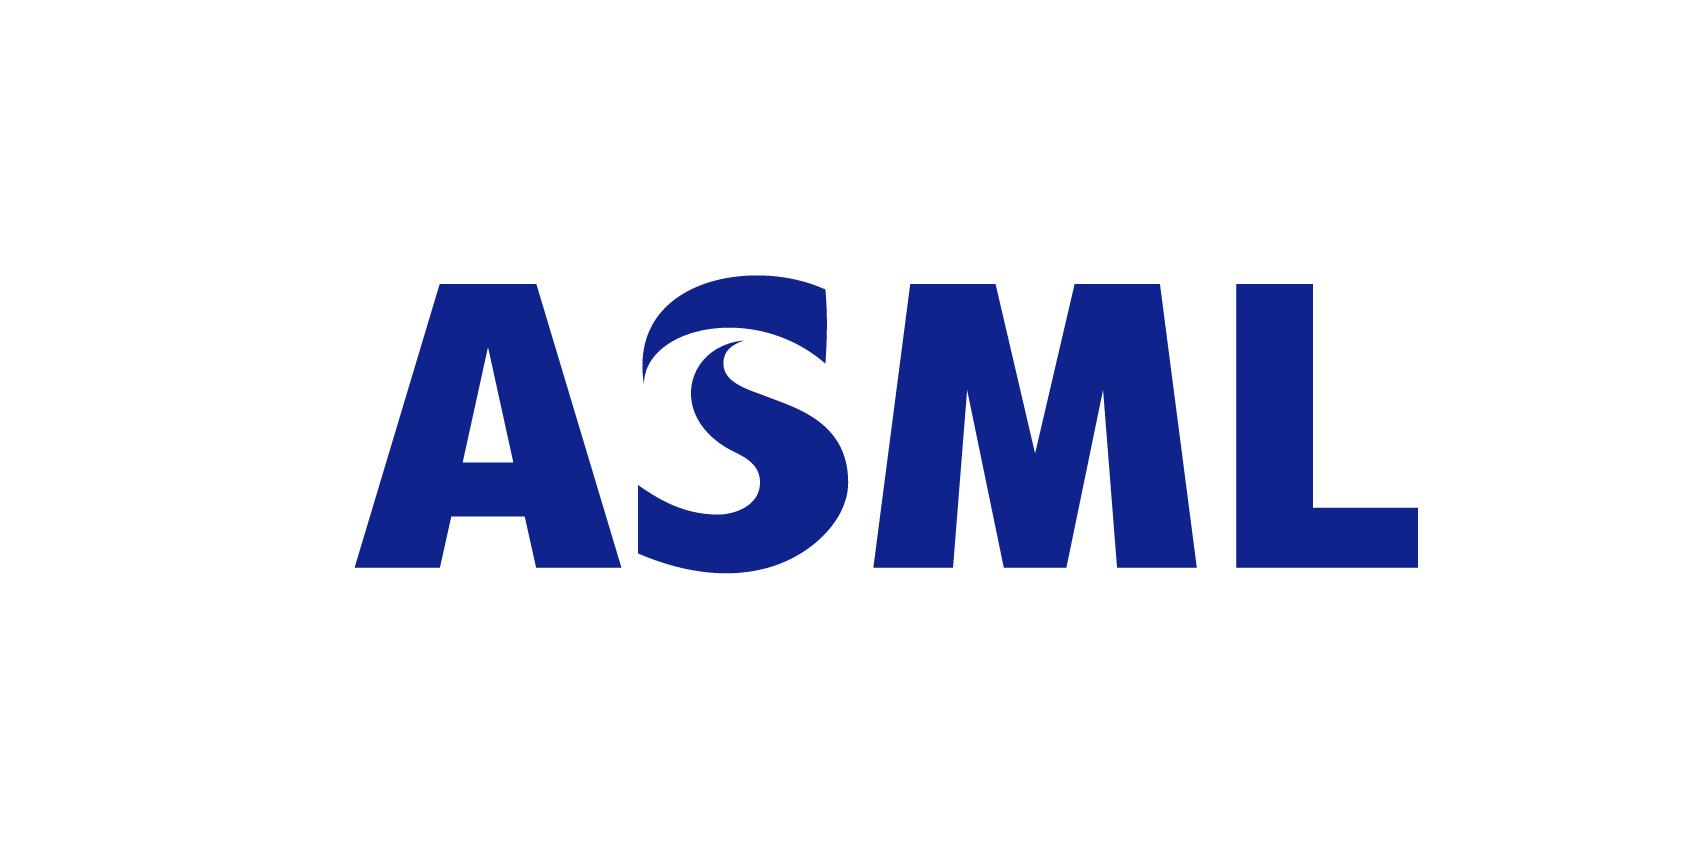 ASML 's logo